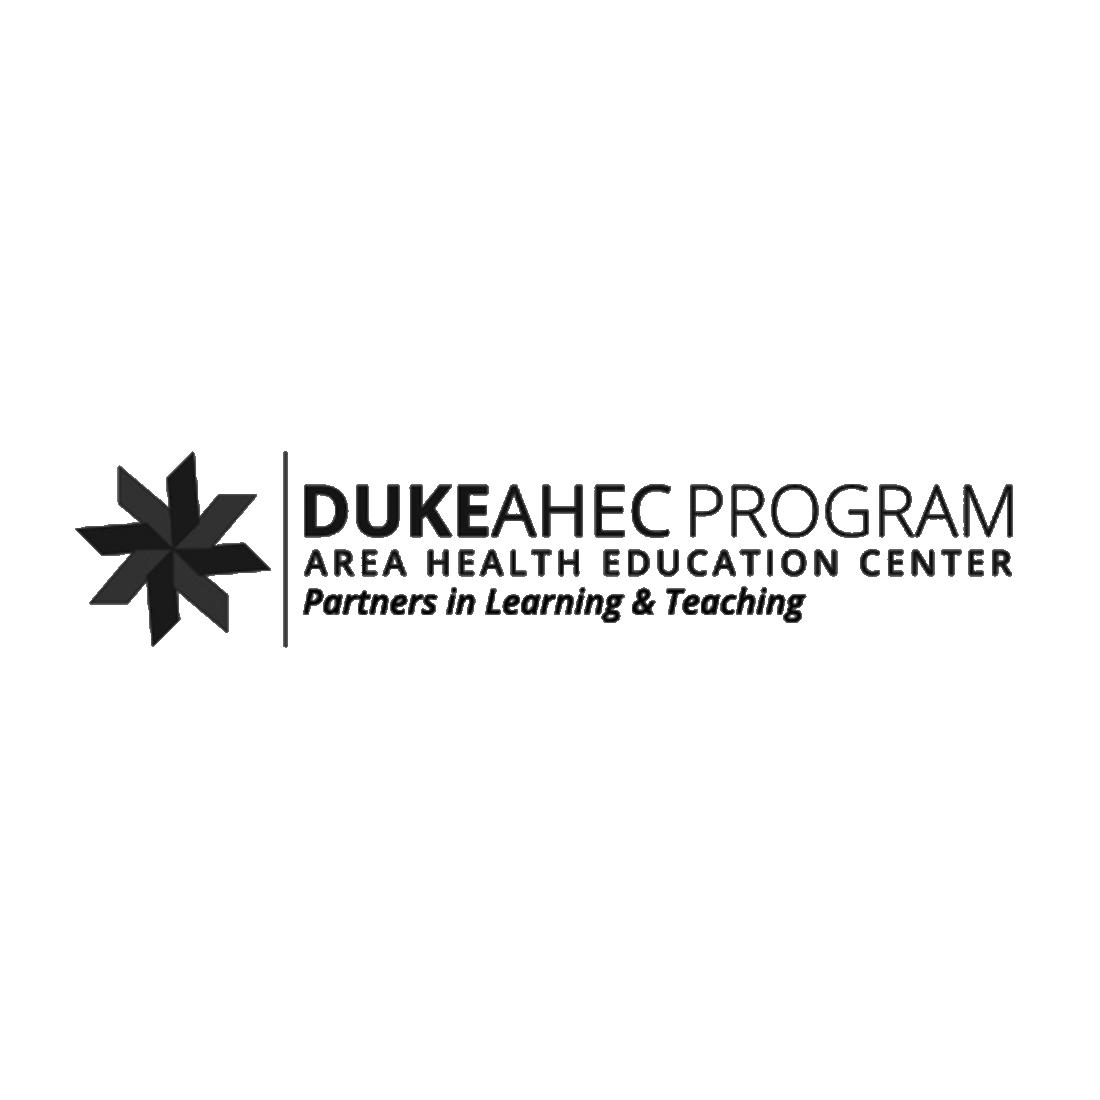 DukeAHEC-Logo-sized